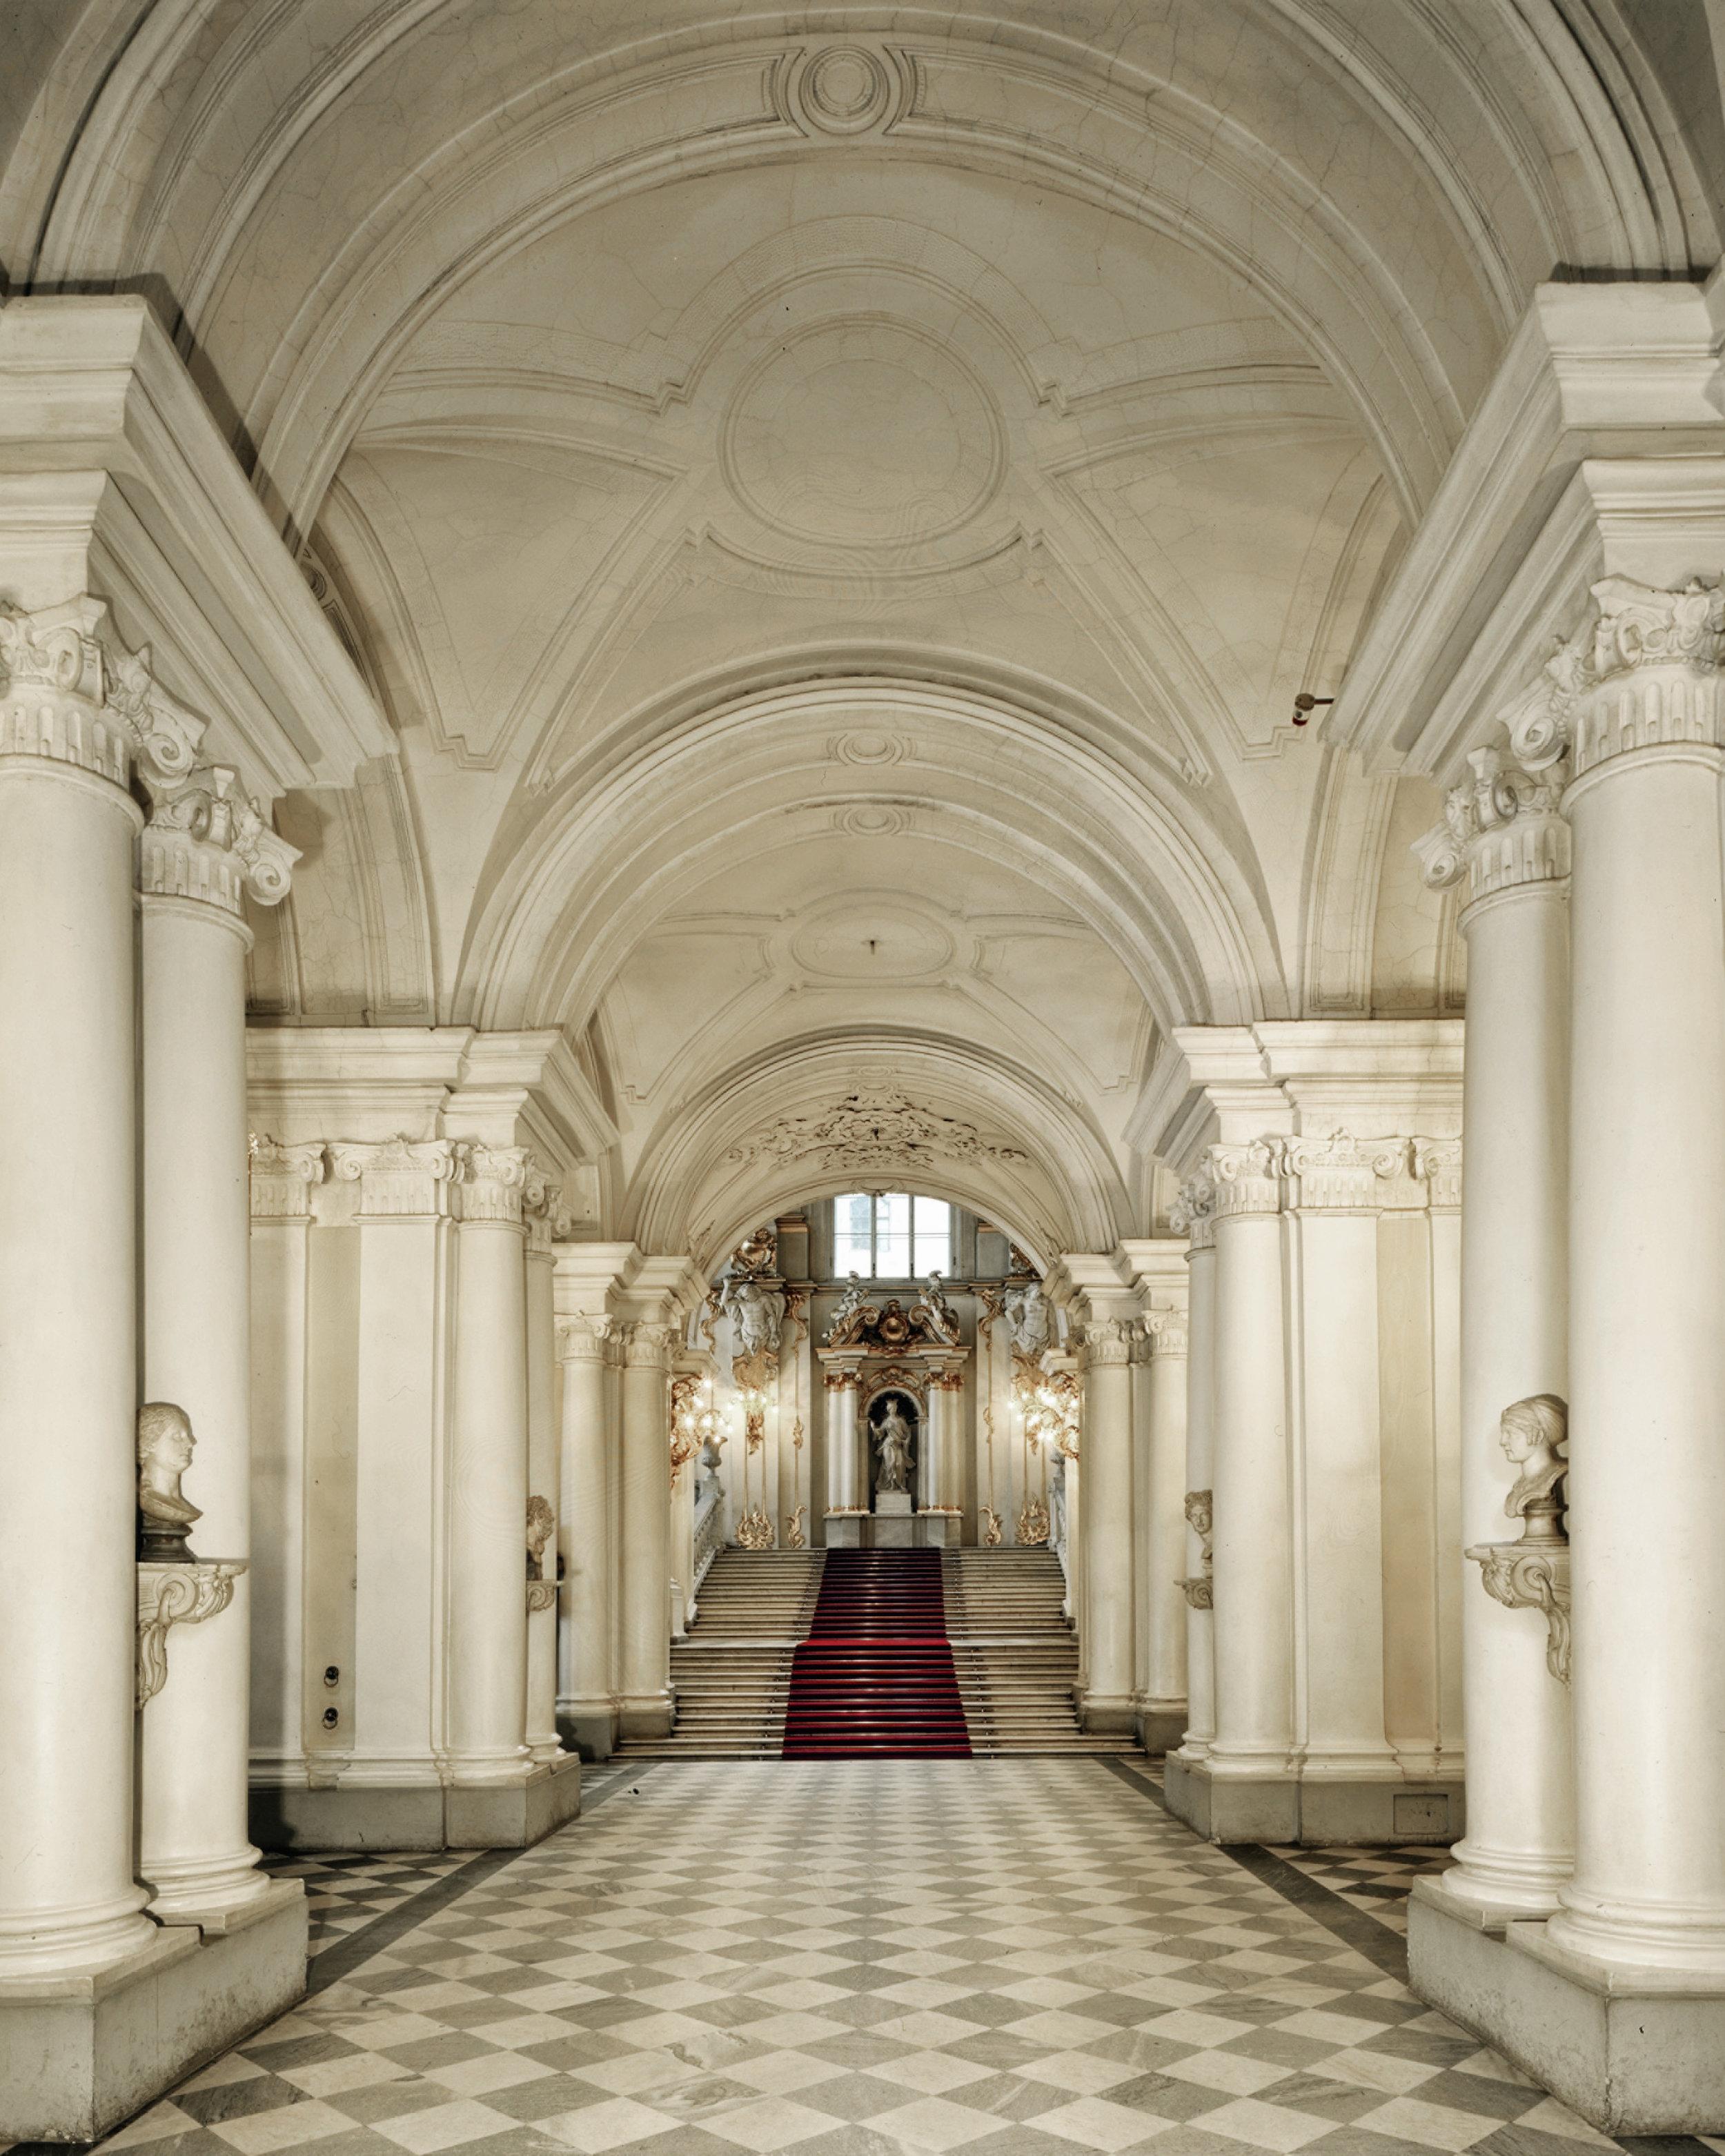 Couloirs de l'Ermitage - Saint-Pétersbourg 2008